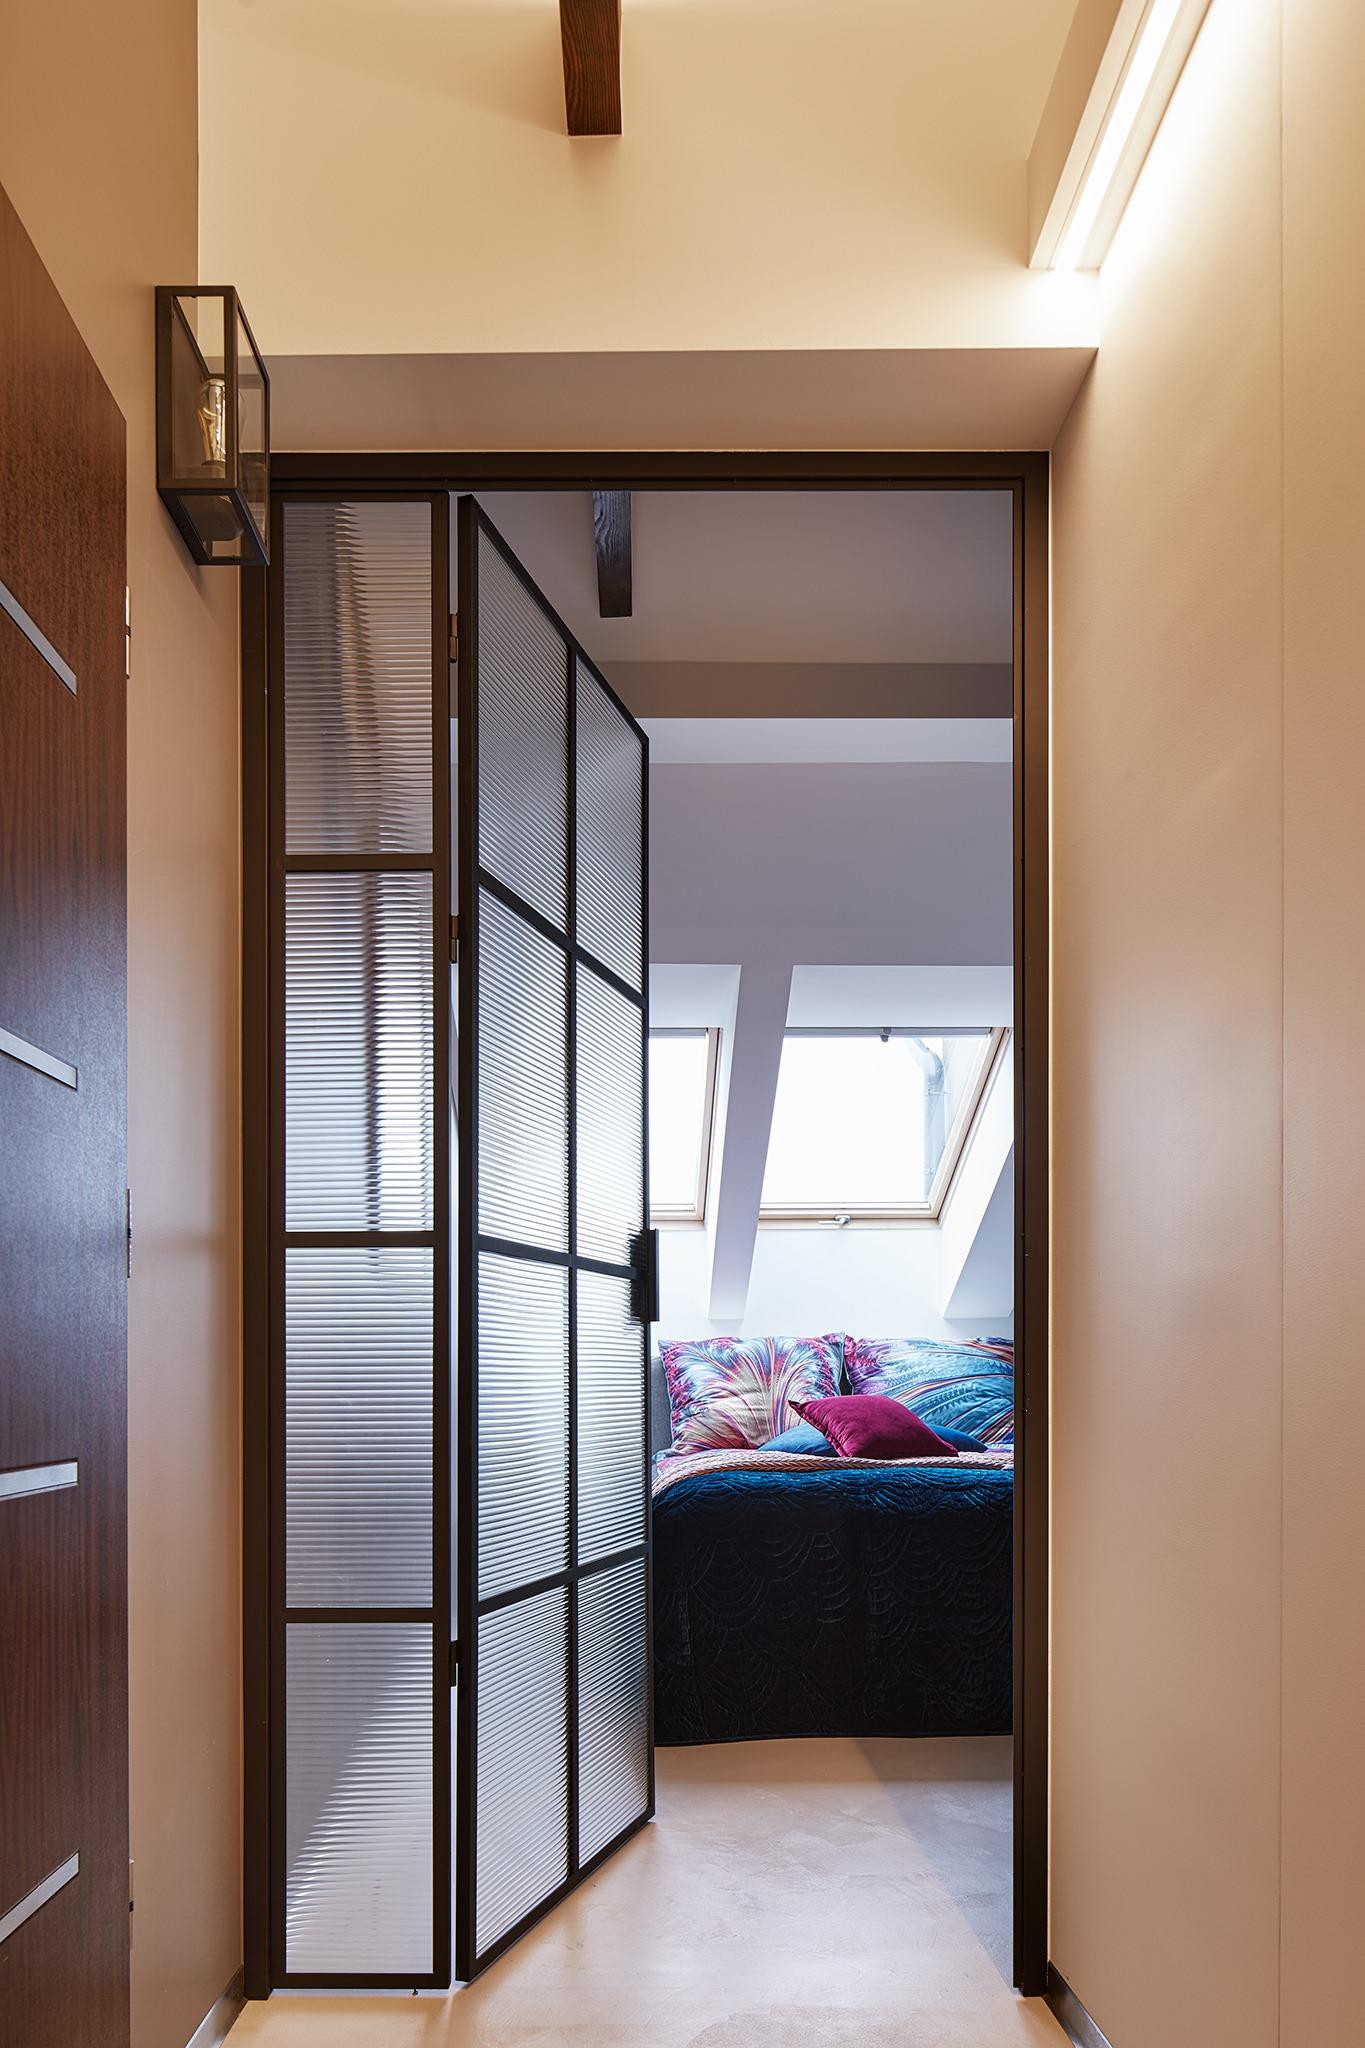 drzwi pojedyncze wewnętrzne ze szkłem gdel